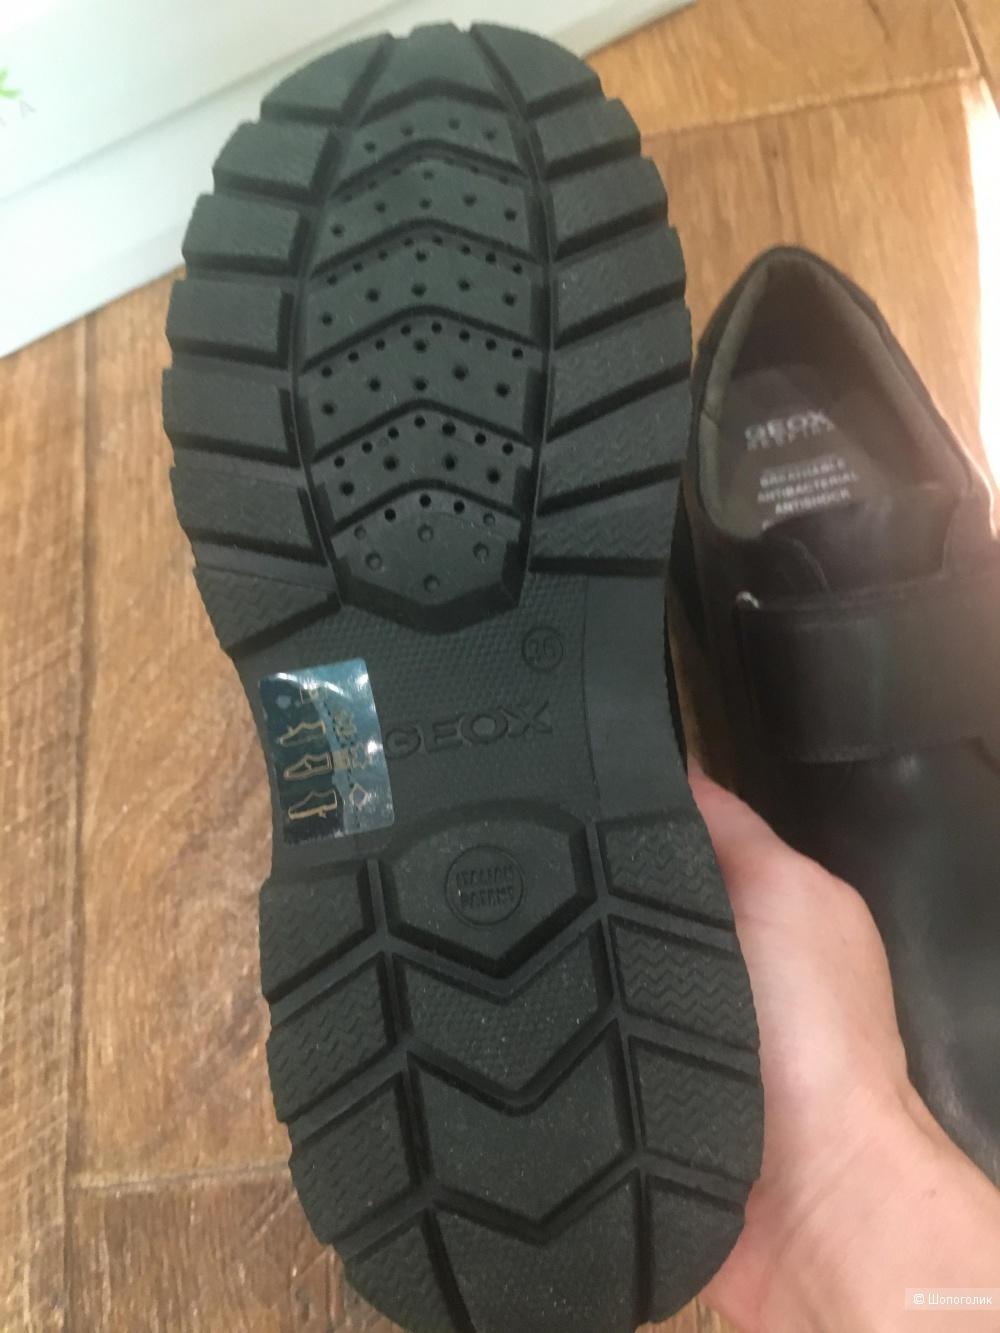 Ботинки Geox 36 размер